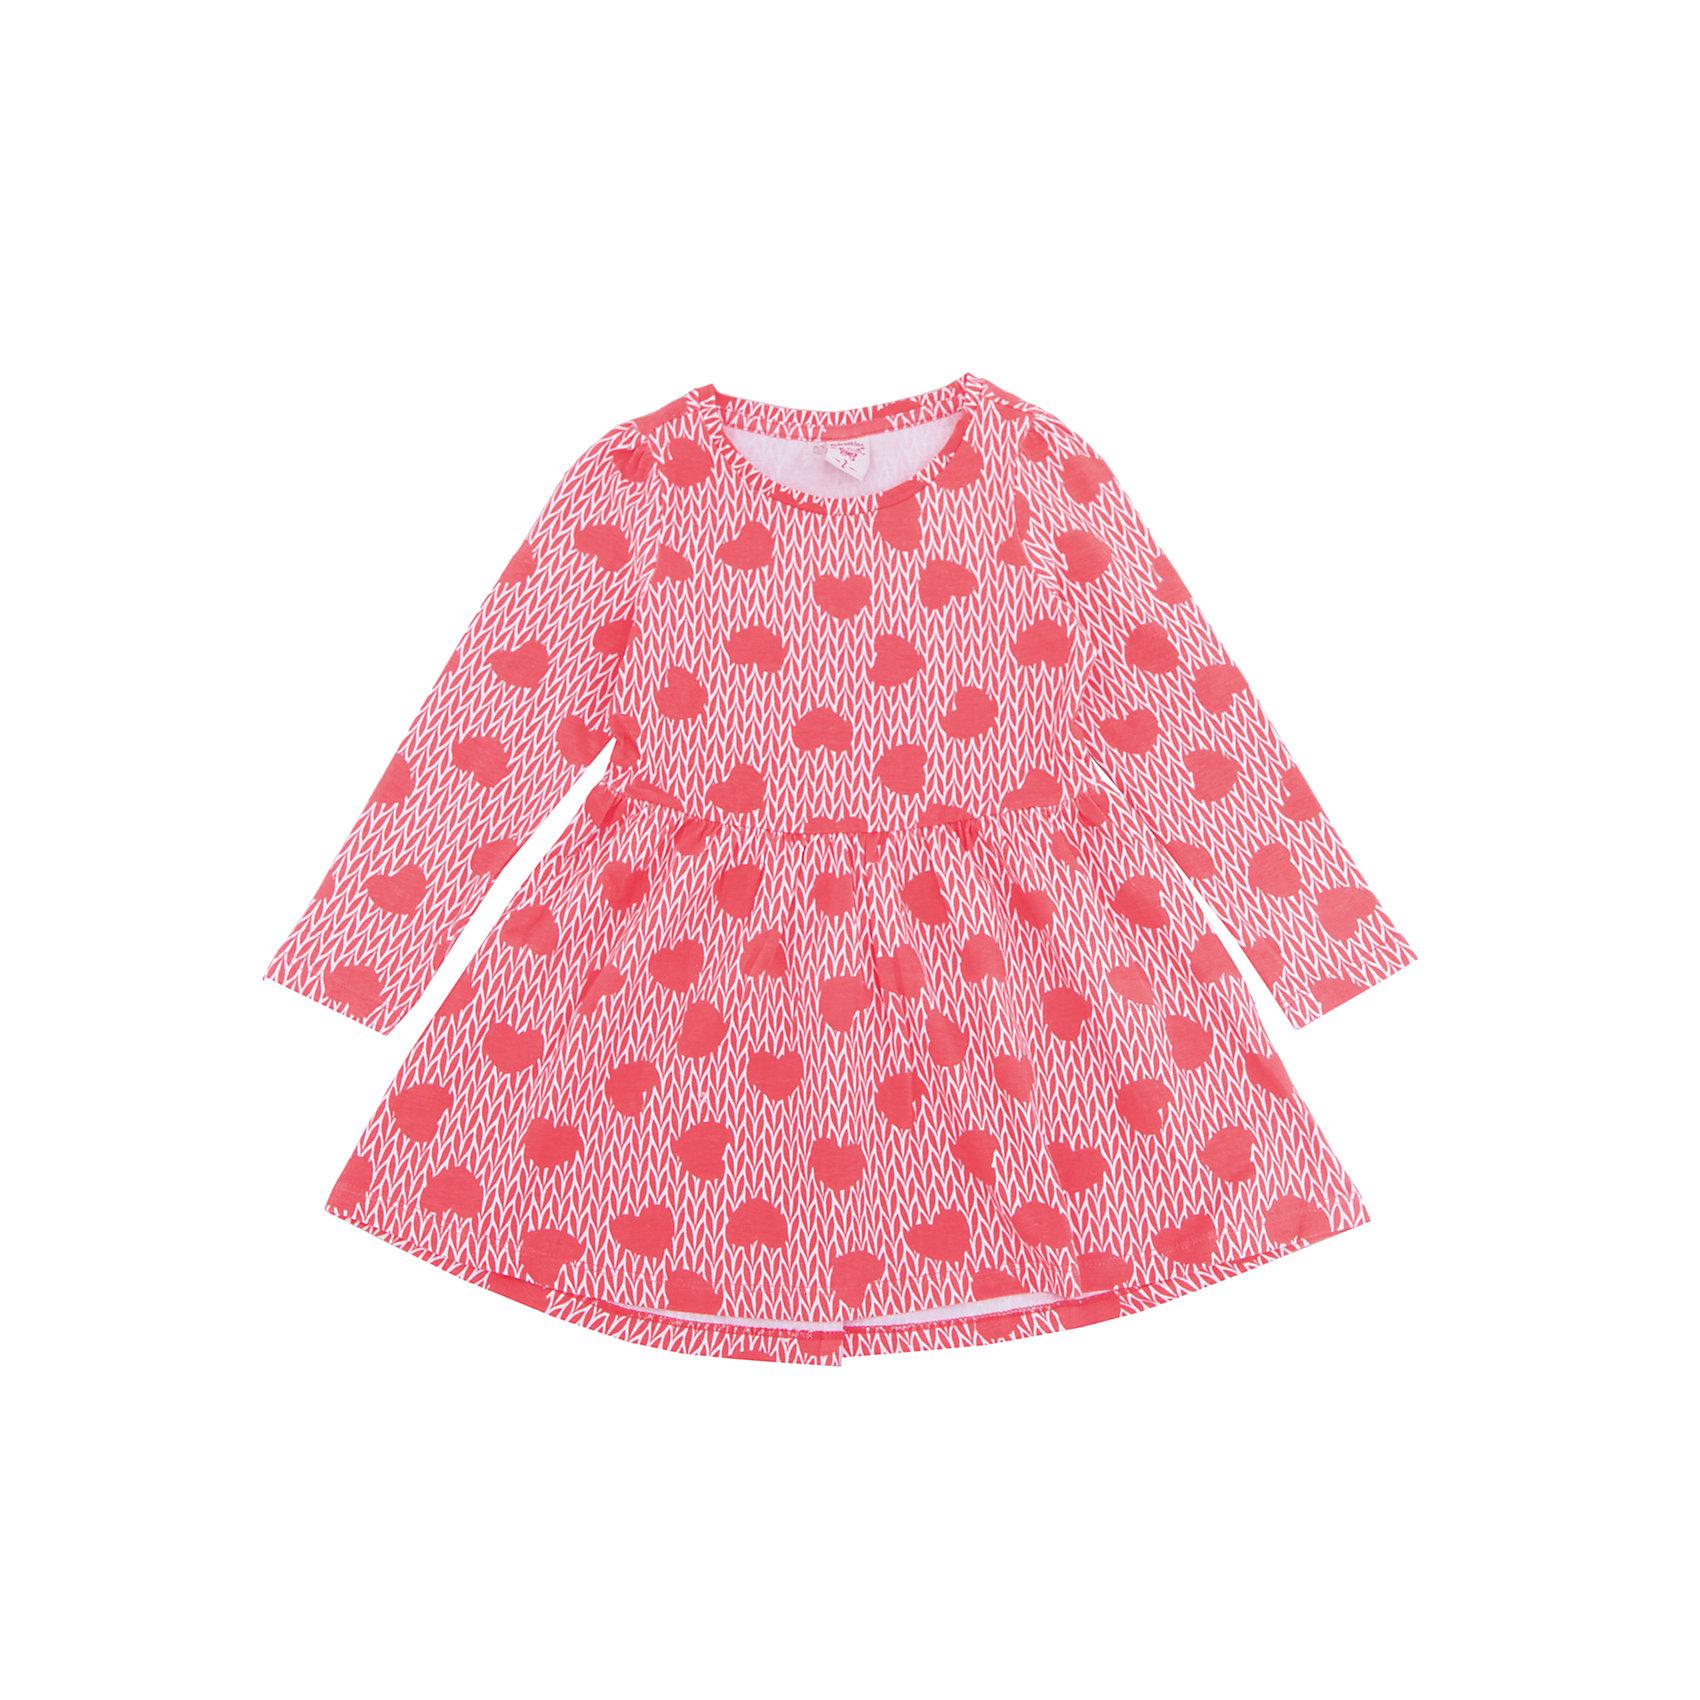 Платье для девочки SELAВесенняя капель<br>Характеристики товара:<br><br>• цвет: розовый<br>• состав: 95% хлопок, 5% эластан<br>• декорировано принтом<br>• приталенное<br>• длинные рукава<br>• длина выше колен<br>• силуэт расширенный к низу<br>• коллекция весна-лето 2017<br>• страна бренда: Российская Федерация<br>• страна изготовитель: Бангладеш<br><br>В новой коллекции SELA отличные модели одежды! Это платье для девочки поможет разнообразить гардероб ребенка и обеспечить комфорт. Оно отлично сочетается с различной обувью. Стильная и удобная вещь!<br><br>Одежда, обувь и аксессуары от российского бренда SELA не зря пользуются большой популярностью у детей и взрослых! Модели этой марки - стильные и удобные, цена при этом неизменно остается доступной. Для их производства используются только безопасные, качественные материалы и фурнитура. Новая коллекция поддерживает хорошие традиции бренда! <br><br>Платье для девочки от популярного бренда SELA (СЕЛА) можно купить в нашем интернет-магазине.<br><br>Ширина мм: 236<br>Глубина мм: 16<br>Высота мм: 184<br>Вес г: 177<br>Цвет: розовый<br>Возраст от месяцев: 60<br>Возраст до месяцев: 72<br>Пол: Женский<br>Возраст: Детский<br>Размер: 116,92,98,104,110<br>SKU: 5305286